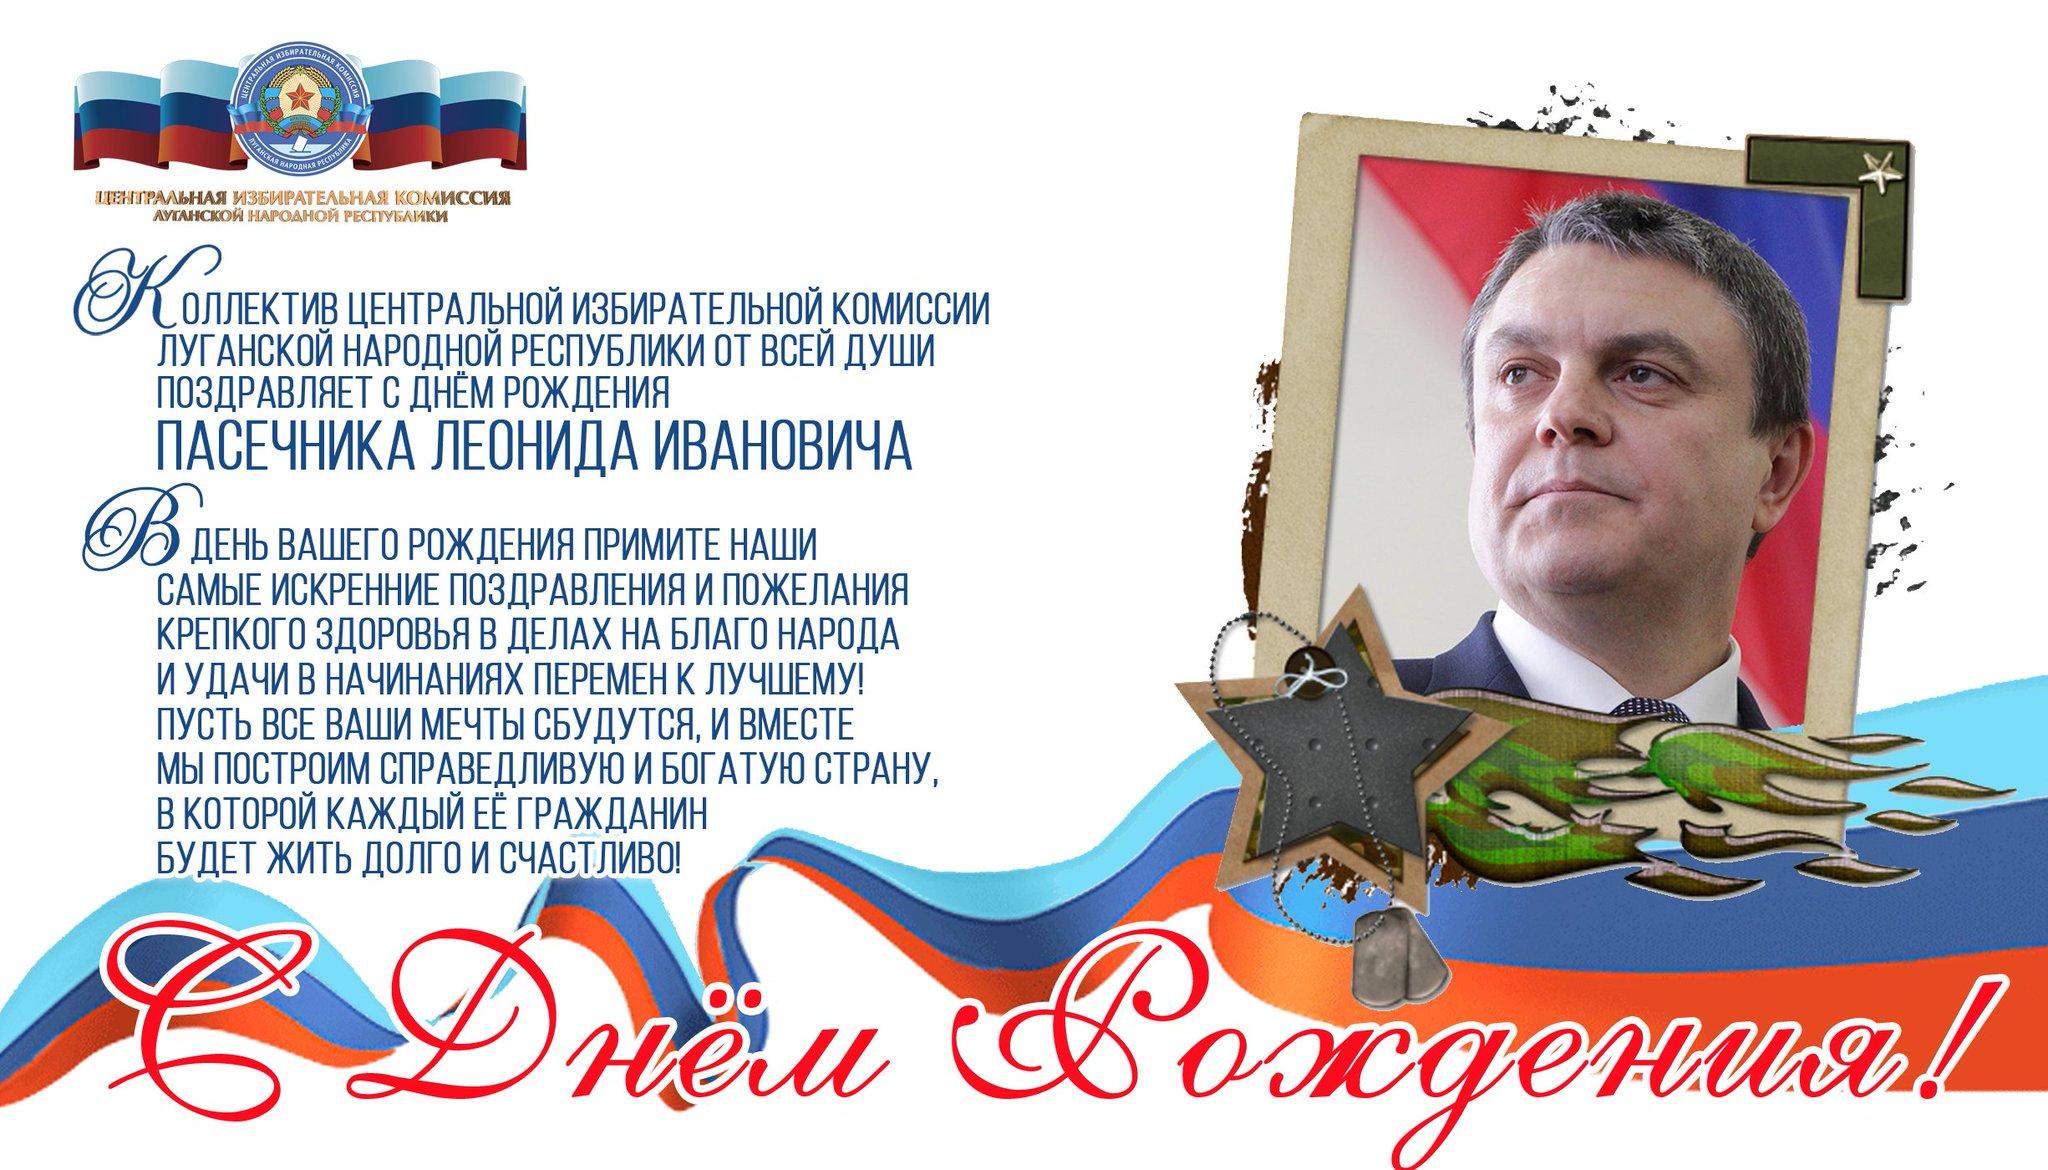 поздравления с днем рождения луганская народная республика всякого сети